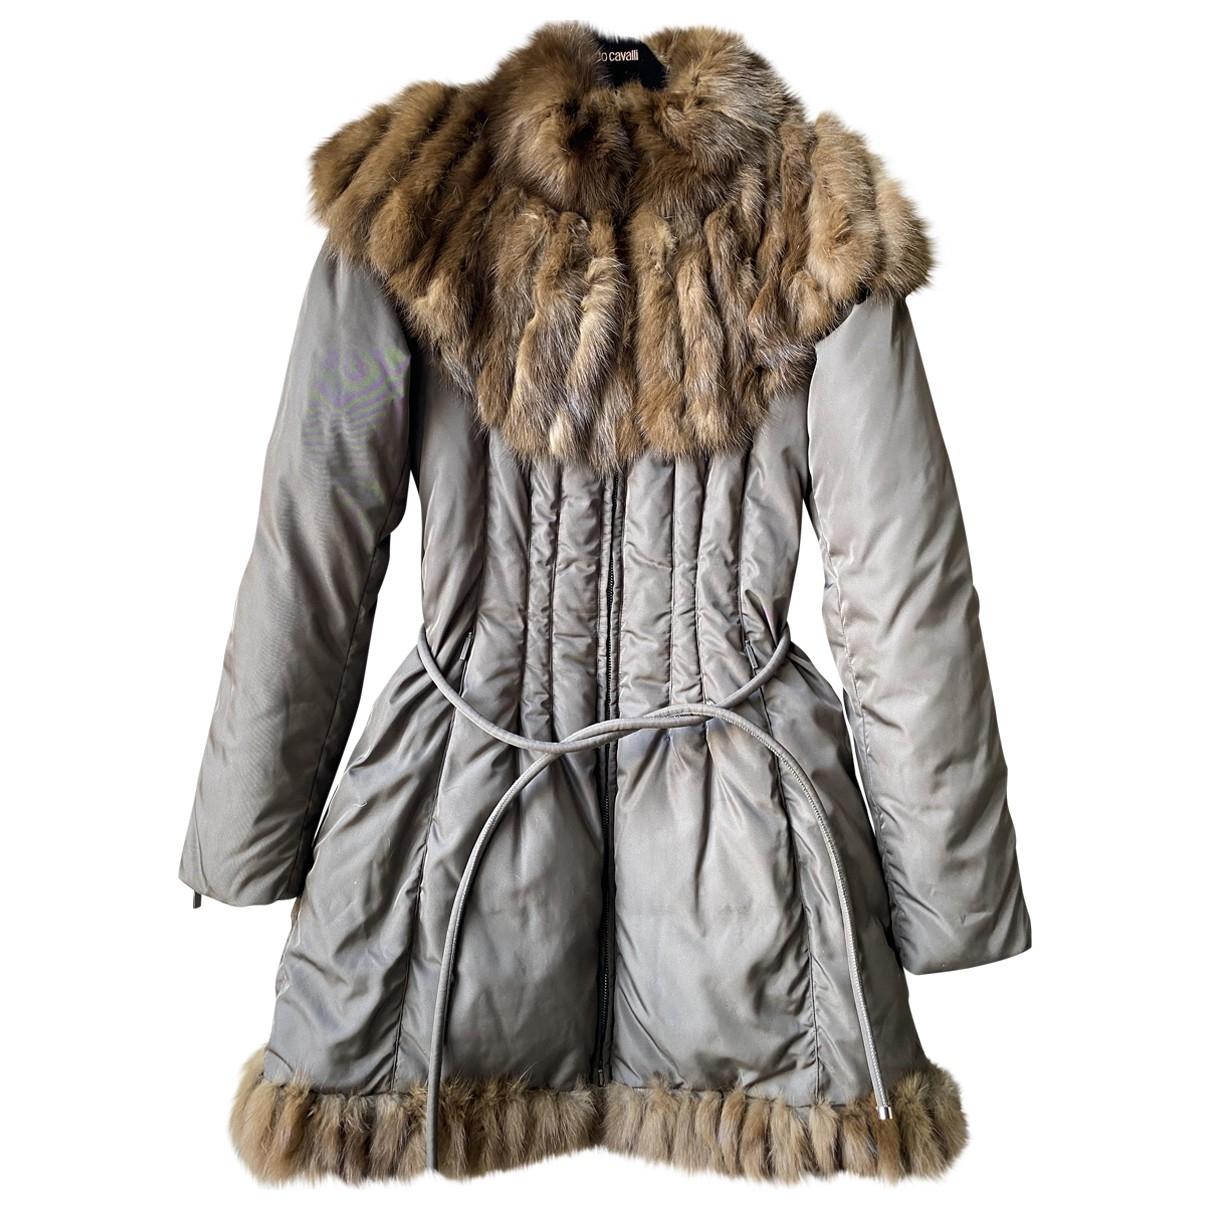 Roberto Cavalli \N Brown coat for Women 40 IT